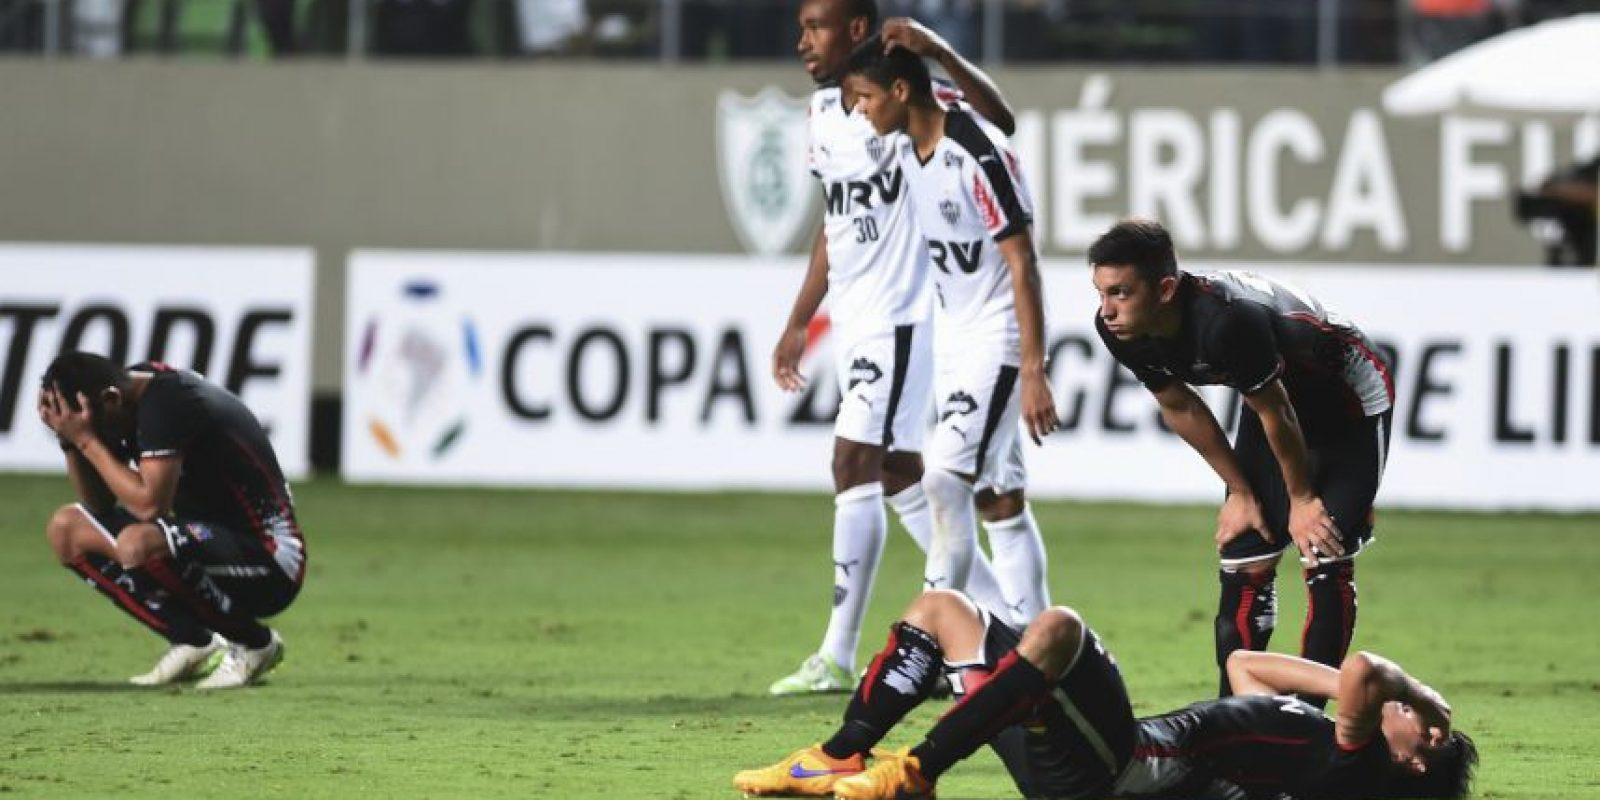 Con este resultado, los chilenos fueron eliminados. Foto:AP